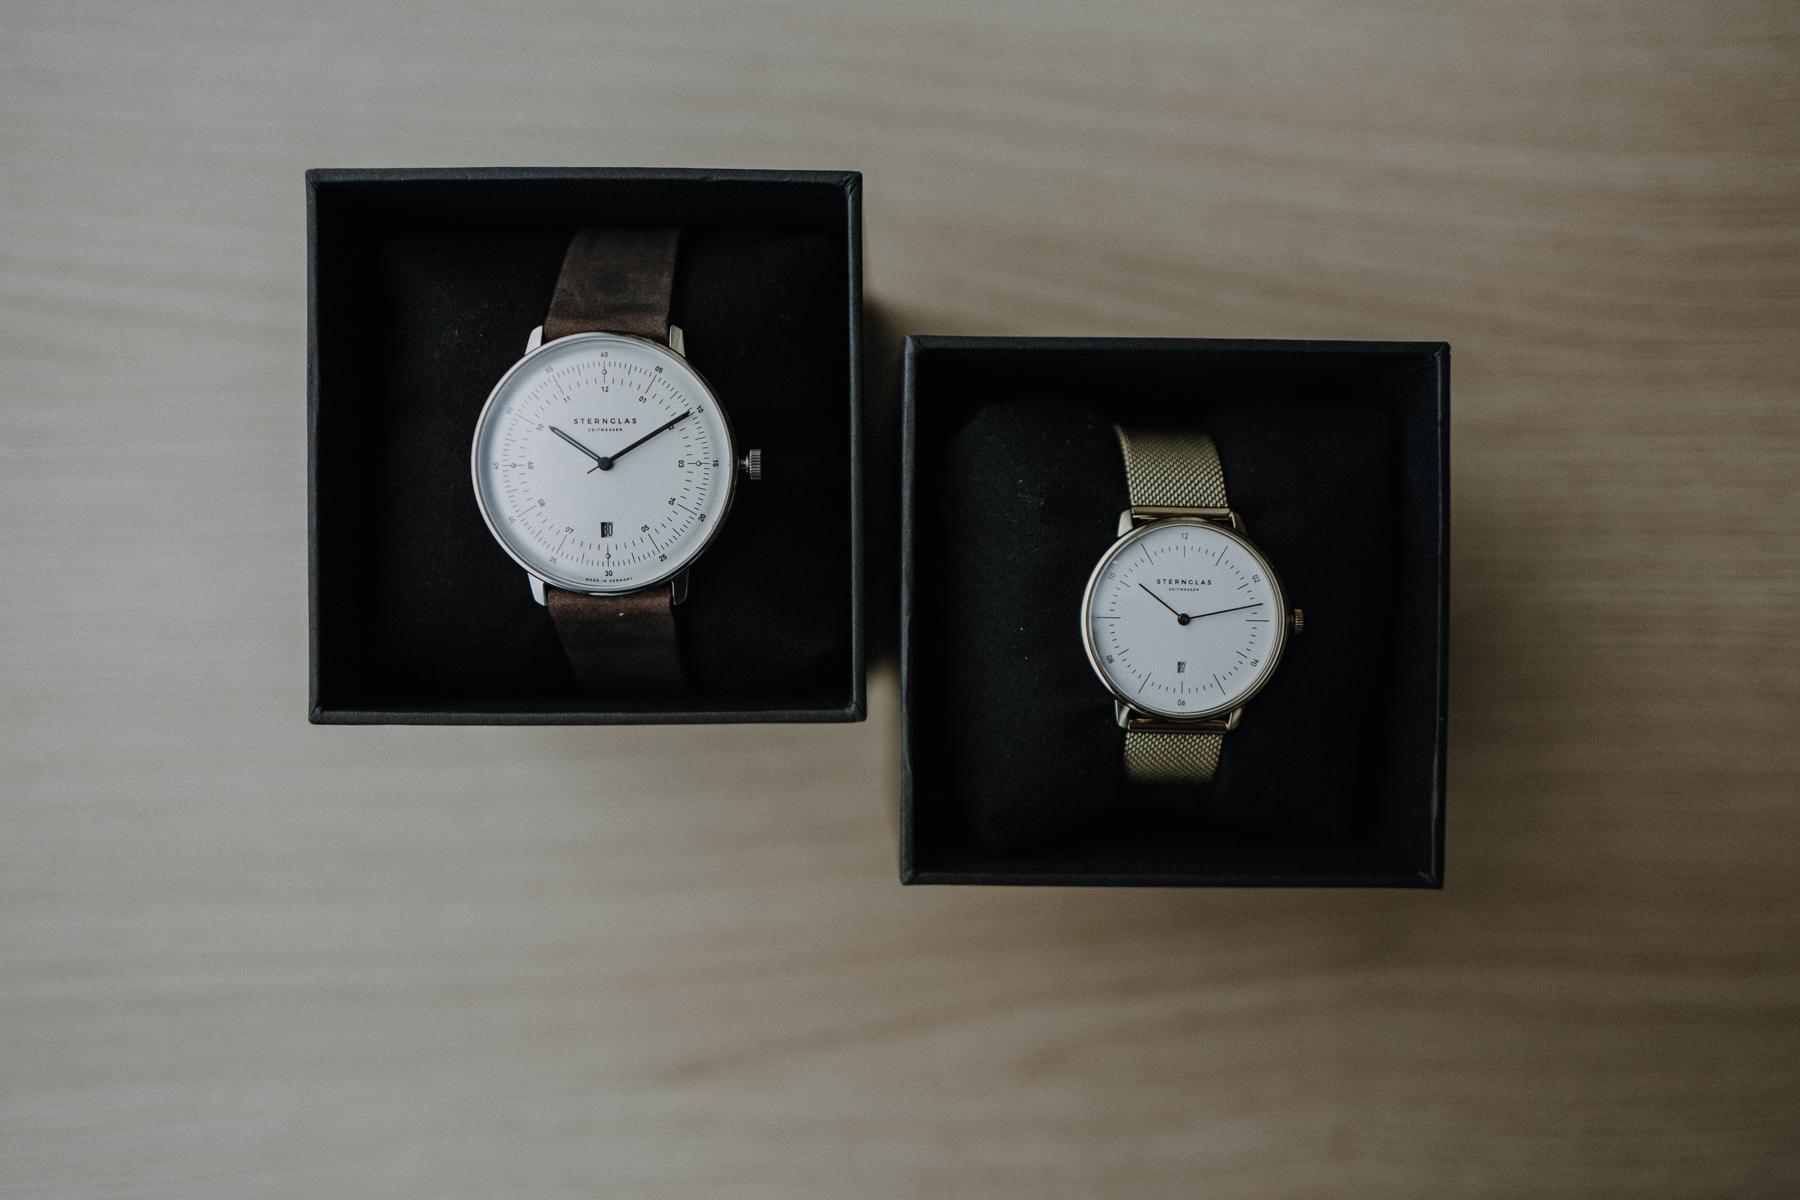 Geheimtipp Hamburg Sternglas Uhren Dahlina Sophie Kock 002